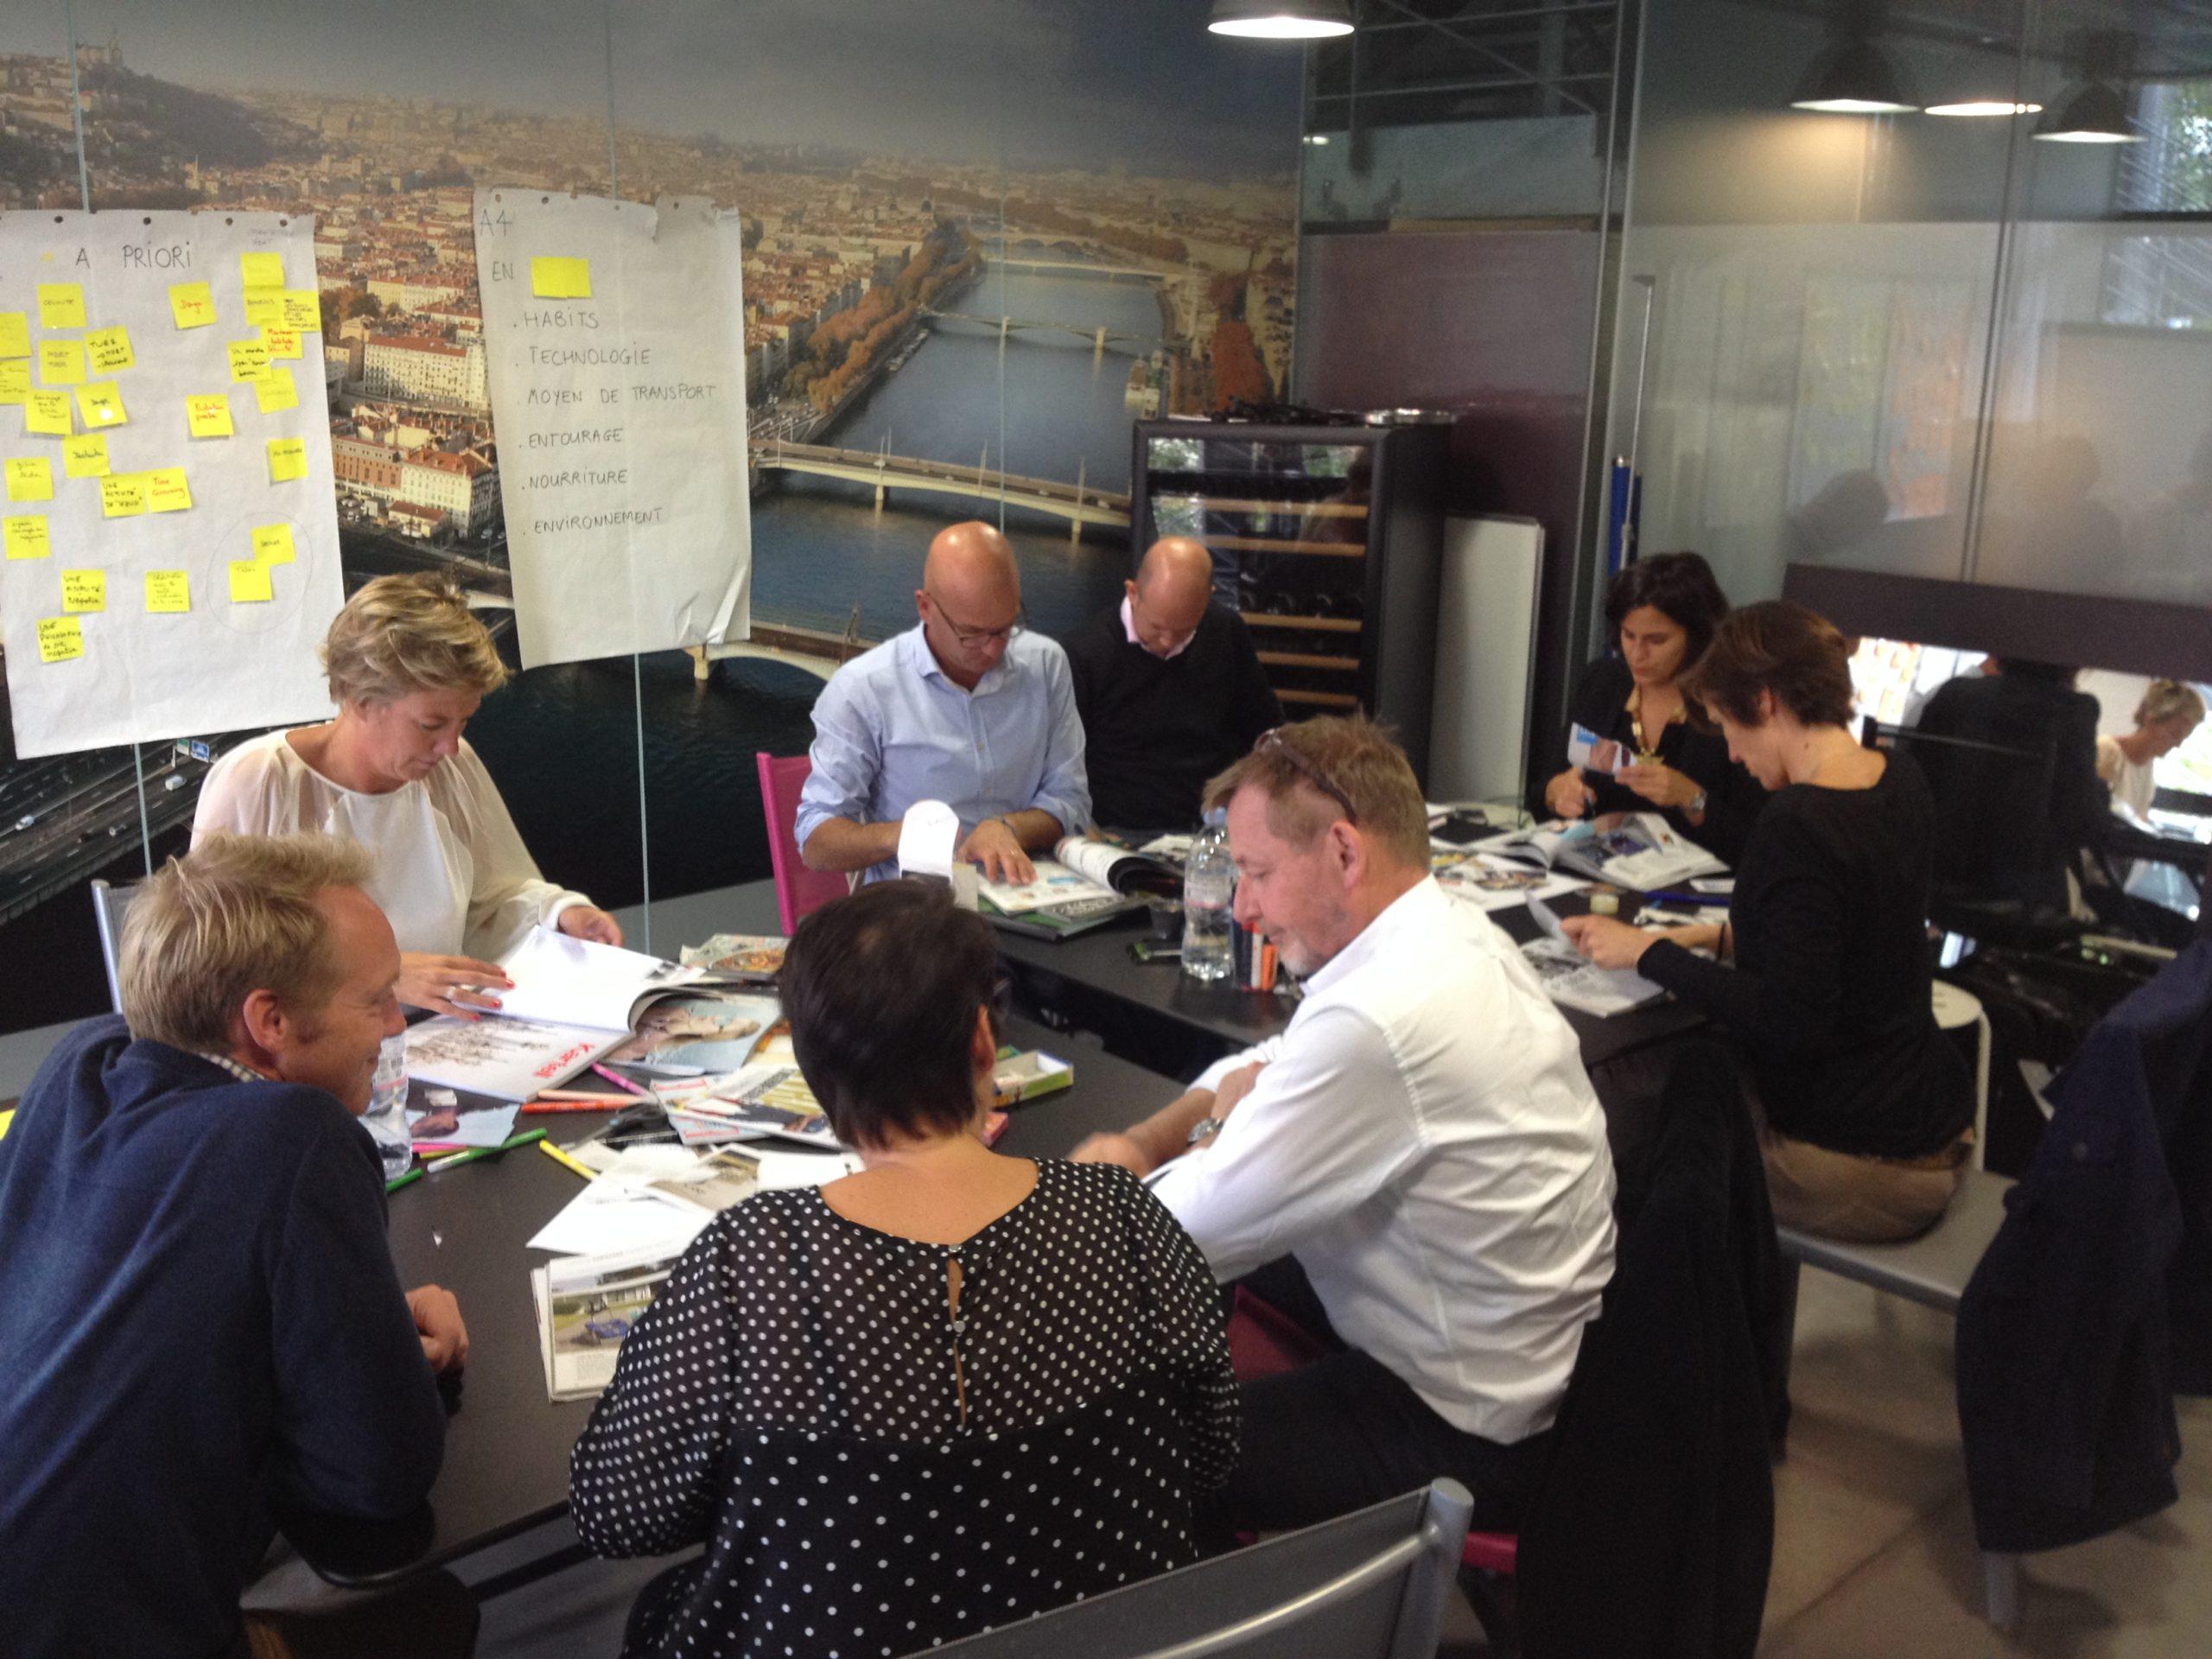 Les ateliers de créativité /design thinking EDS